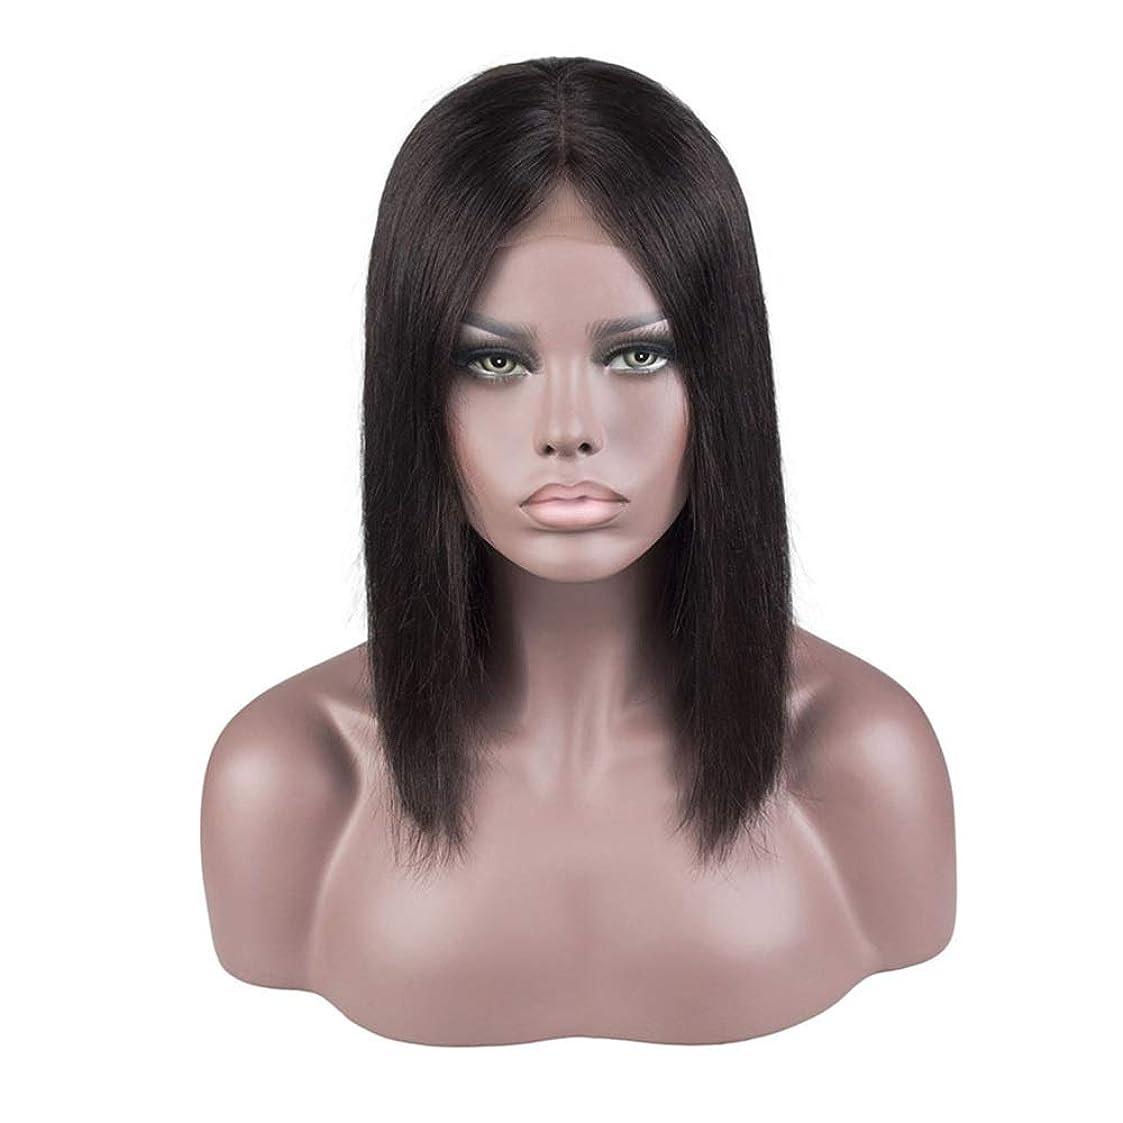 台無しにマチュピチュ不機嫌HOHYLLYA 4×4ディープミドルパートボブストレートレース閉鎖ブラジルバージン人間の髪の毛の閉鎖ナチュラルカラーショートウィッグ (色 : 黒, サイズ : 14 inch)